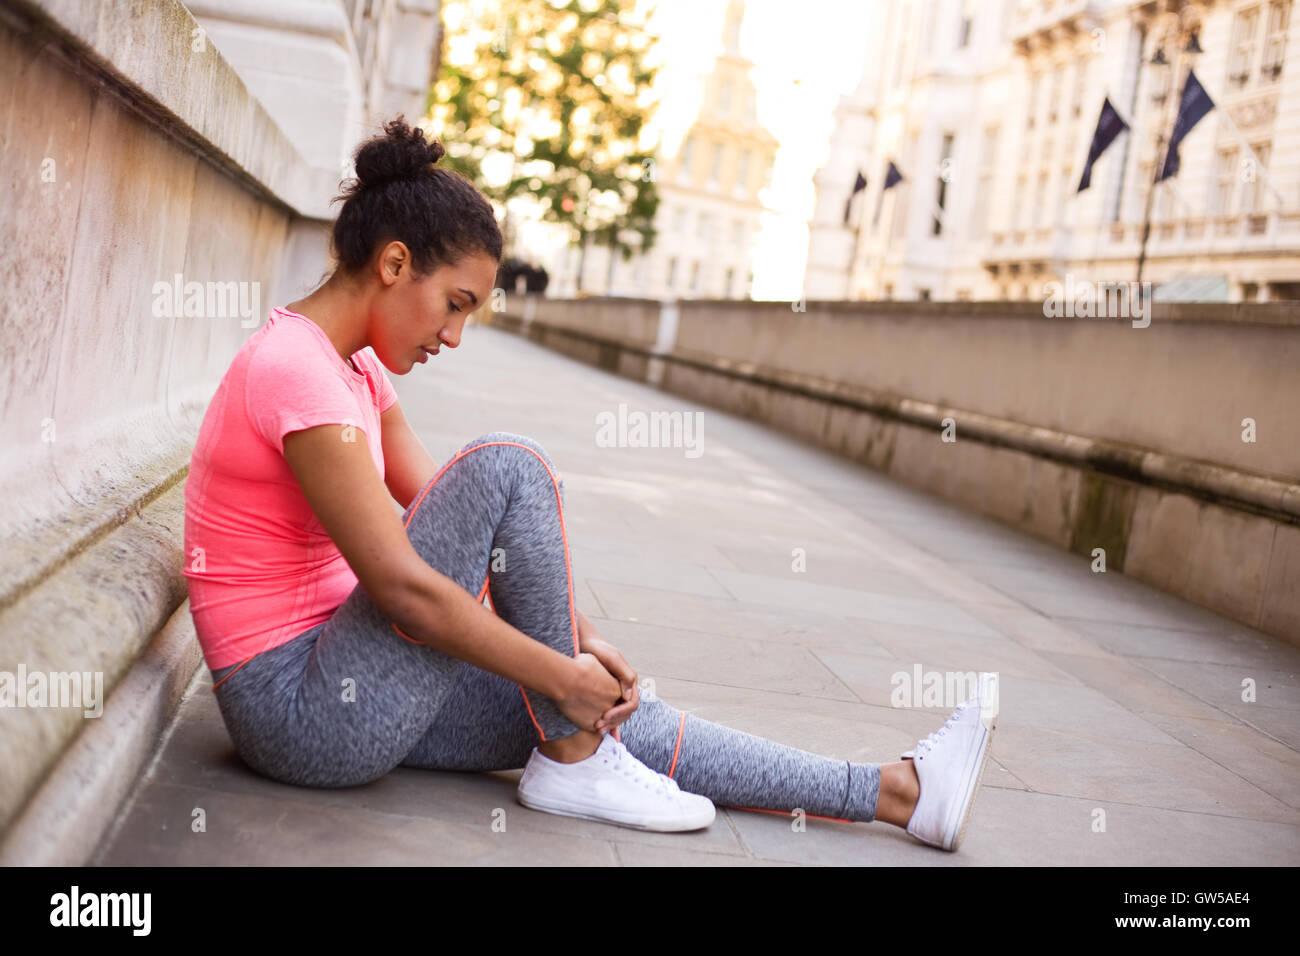 Mujer joven sensación dolorosa su tobillo después del ejercicio Imagen De Stock